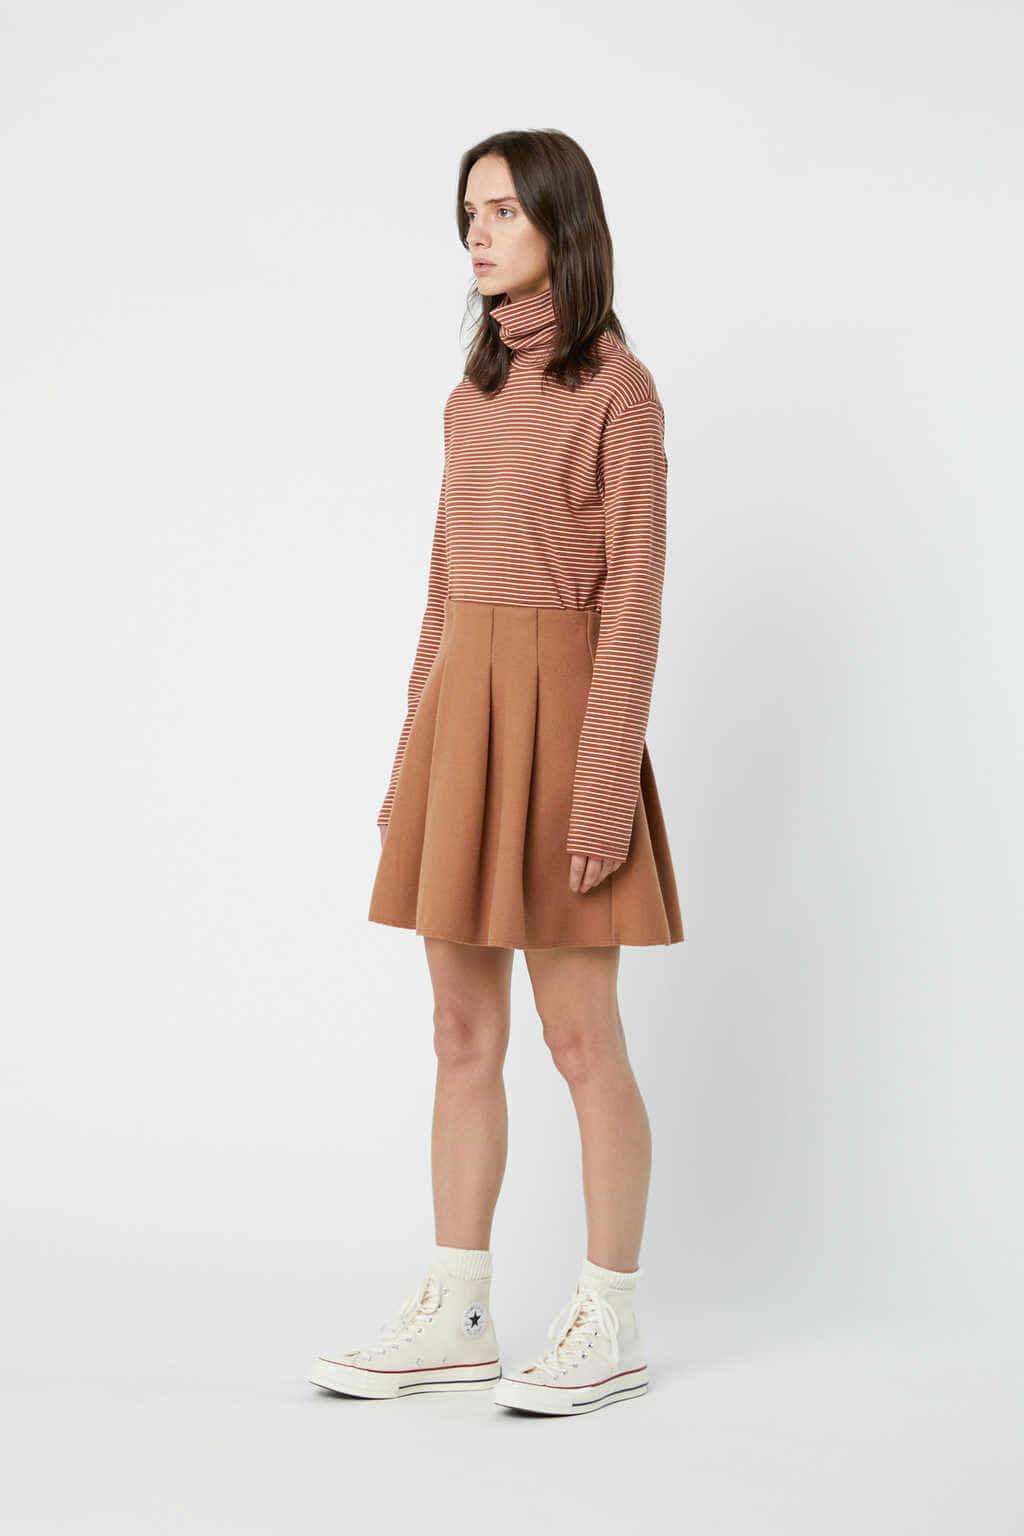 TShirt J011 Brown 3